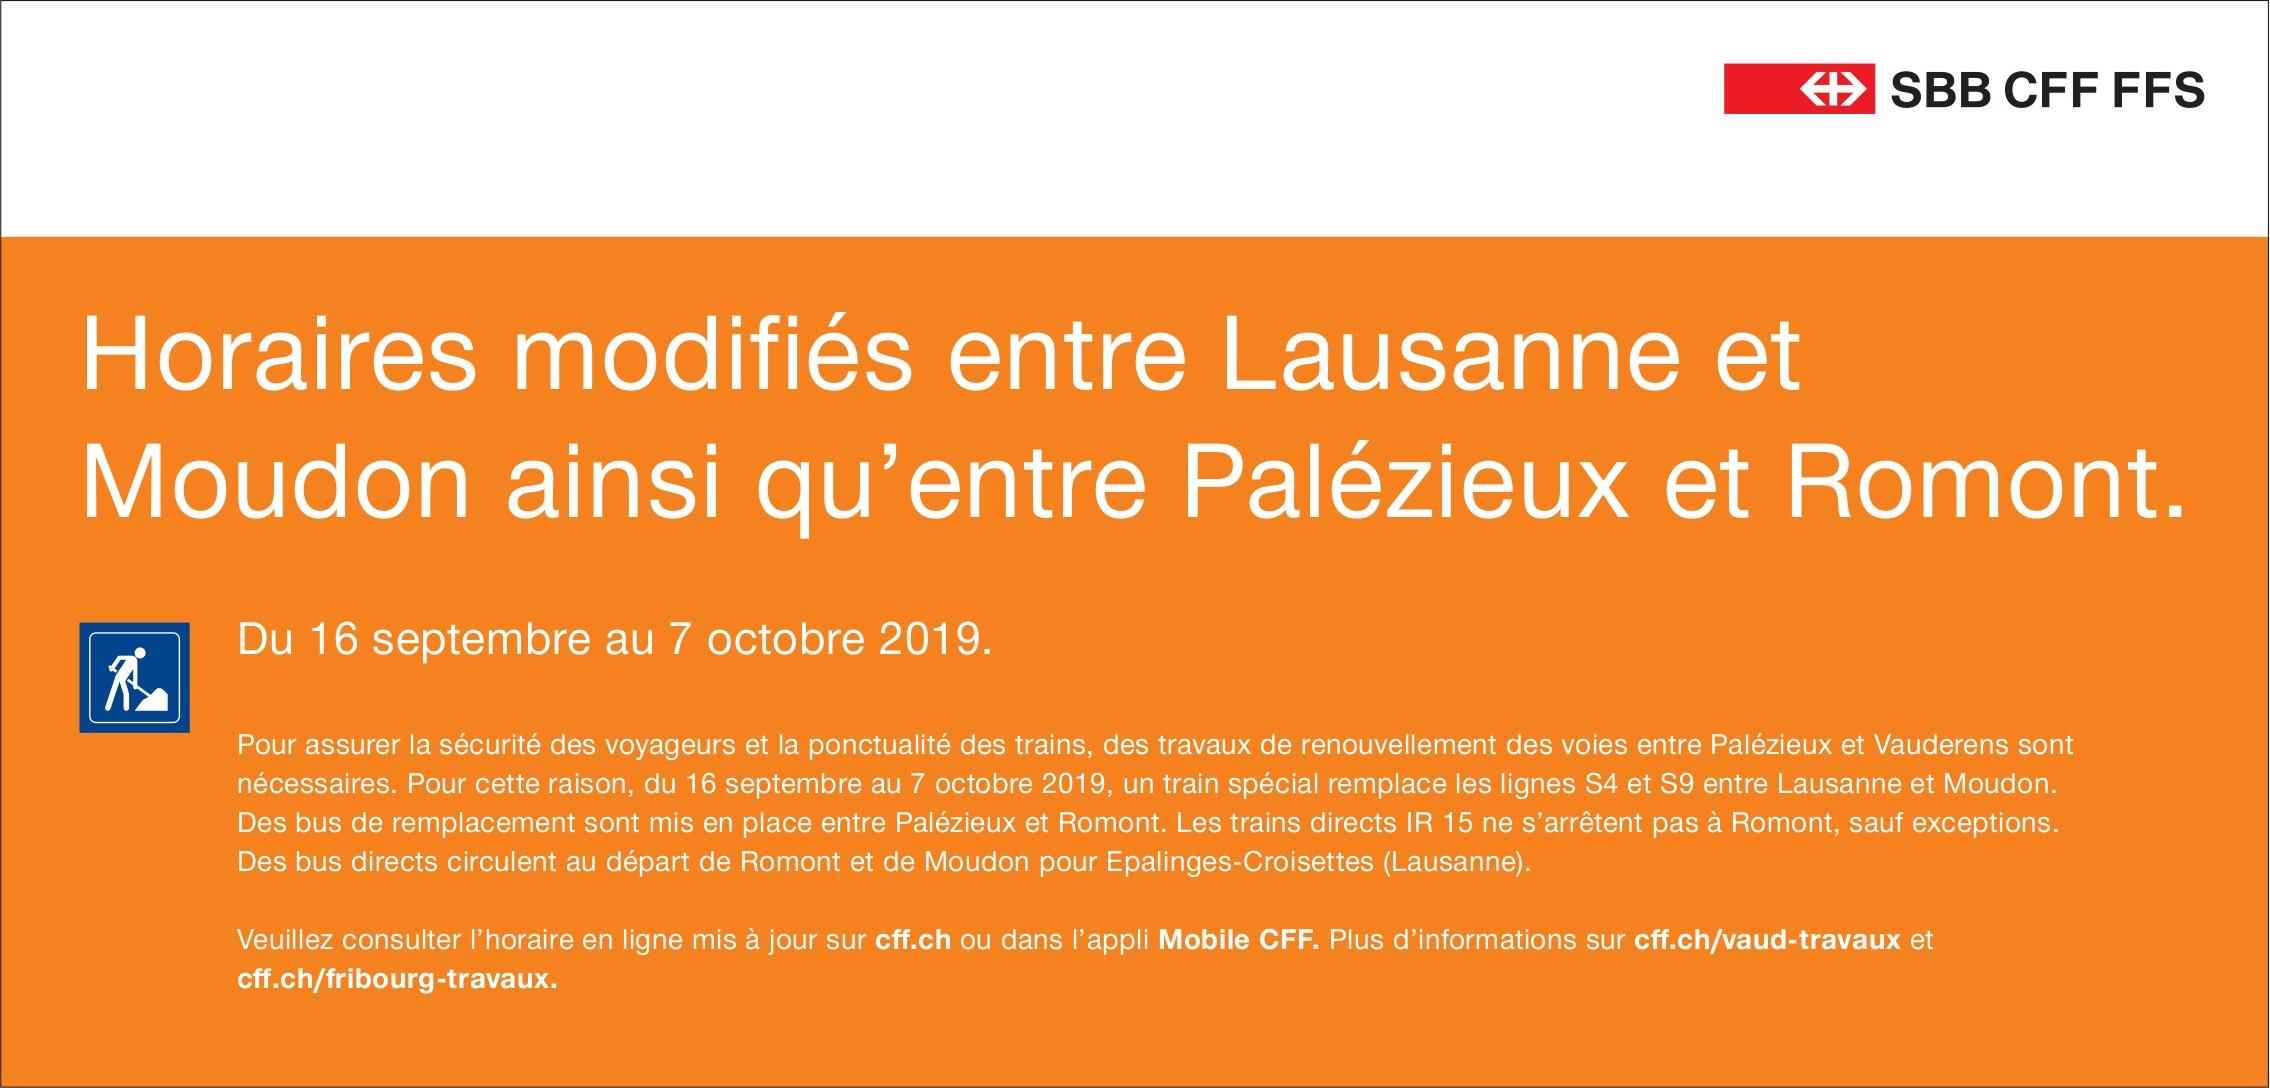 SBB - Horaires modifiés entre Lausanne et Moudon ainsi qu'entre Palézieux et Romont 16.09-07.10